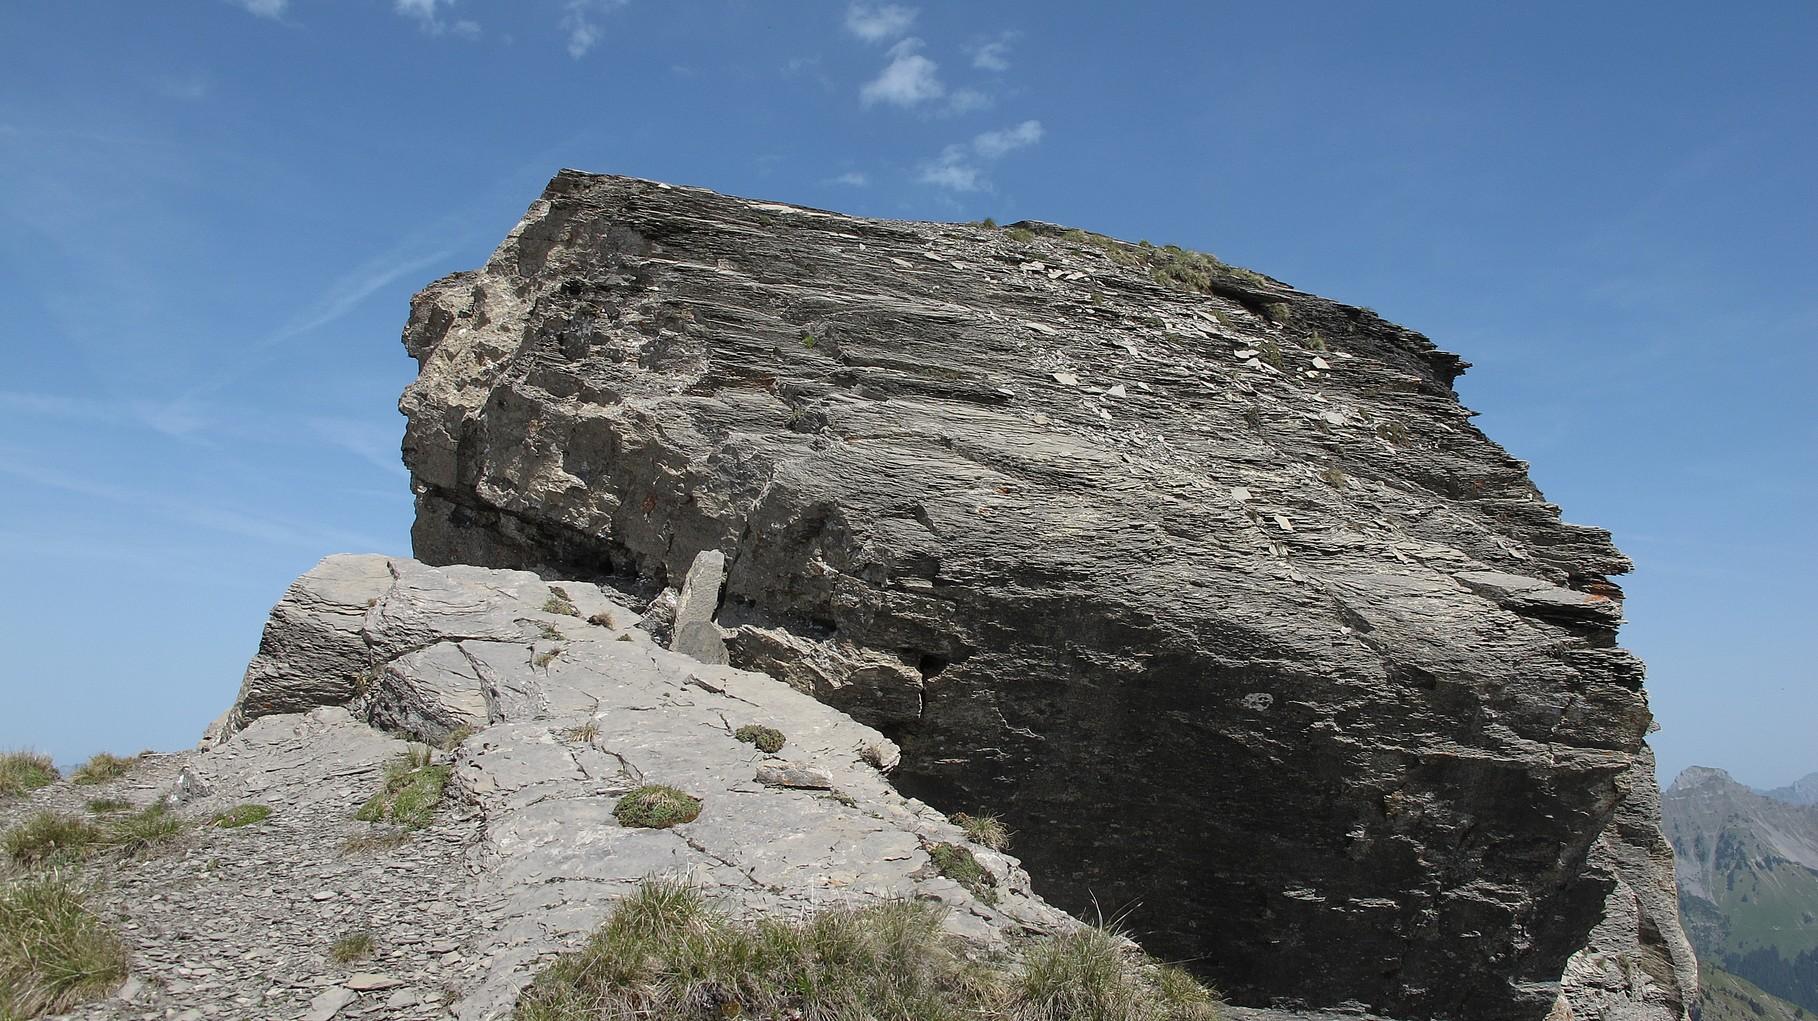 Gipfelkopf